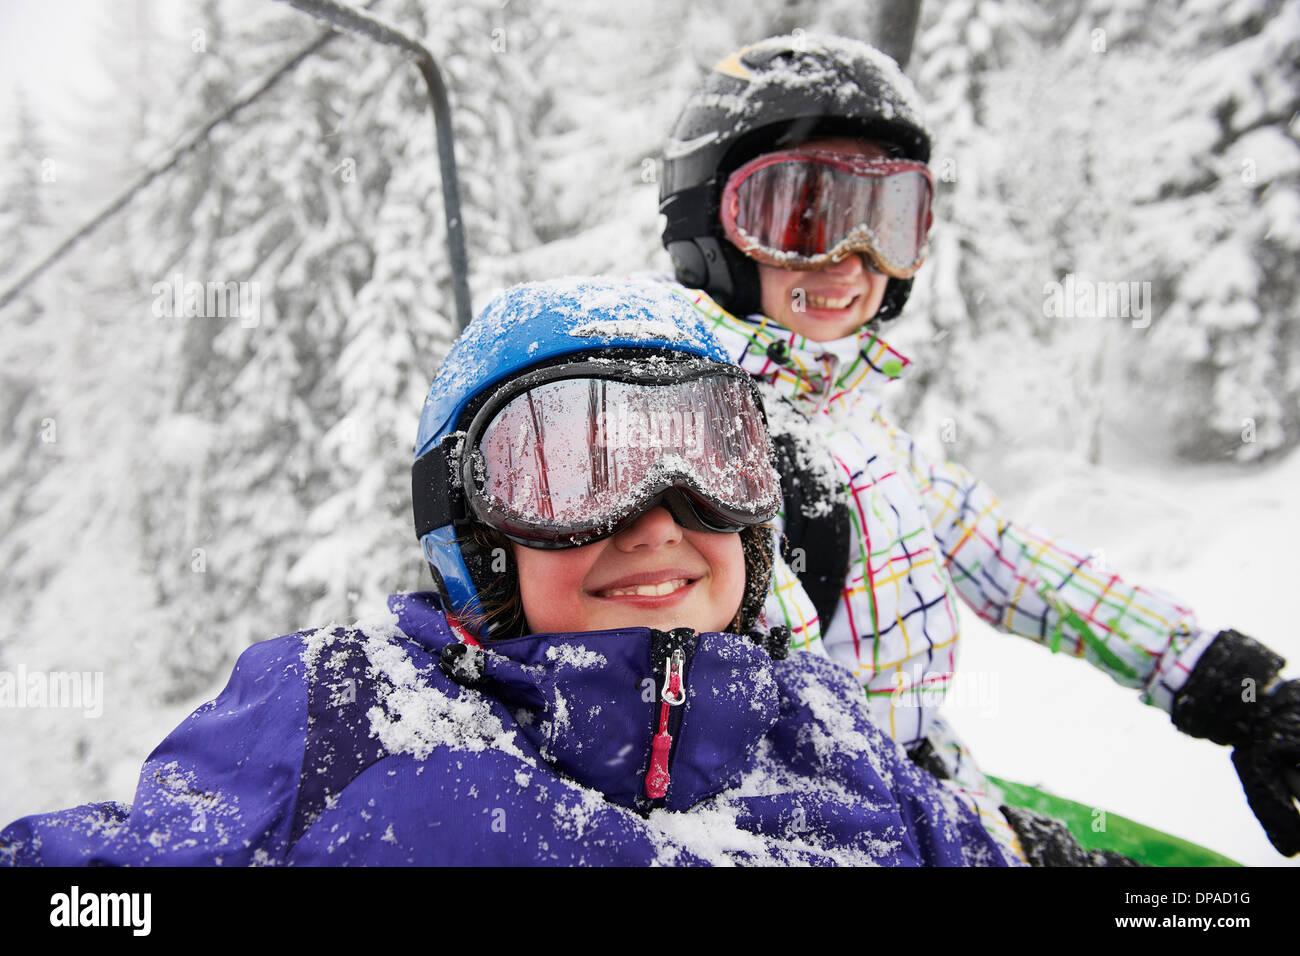 Ritratto di coperta di neve sorelle, Villaroger, Hauste Savoie, Francia Immagini Stock